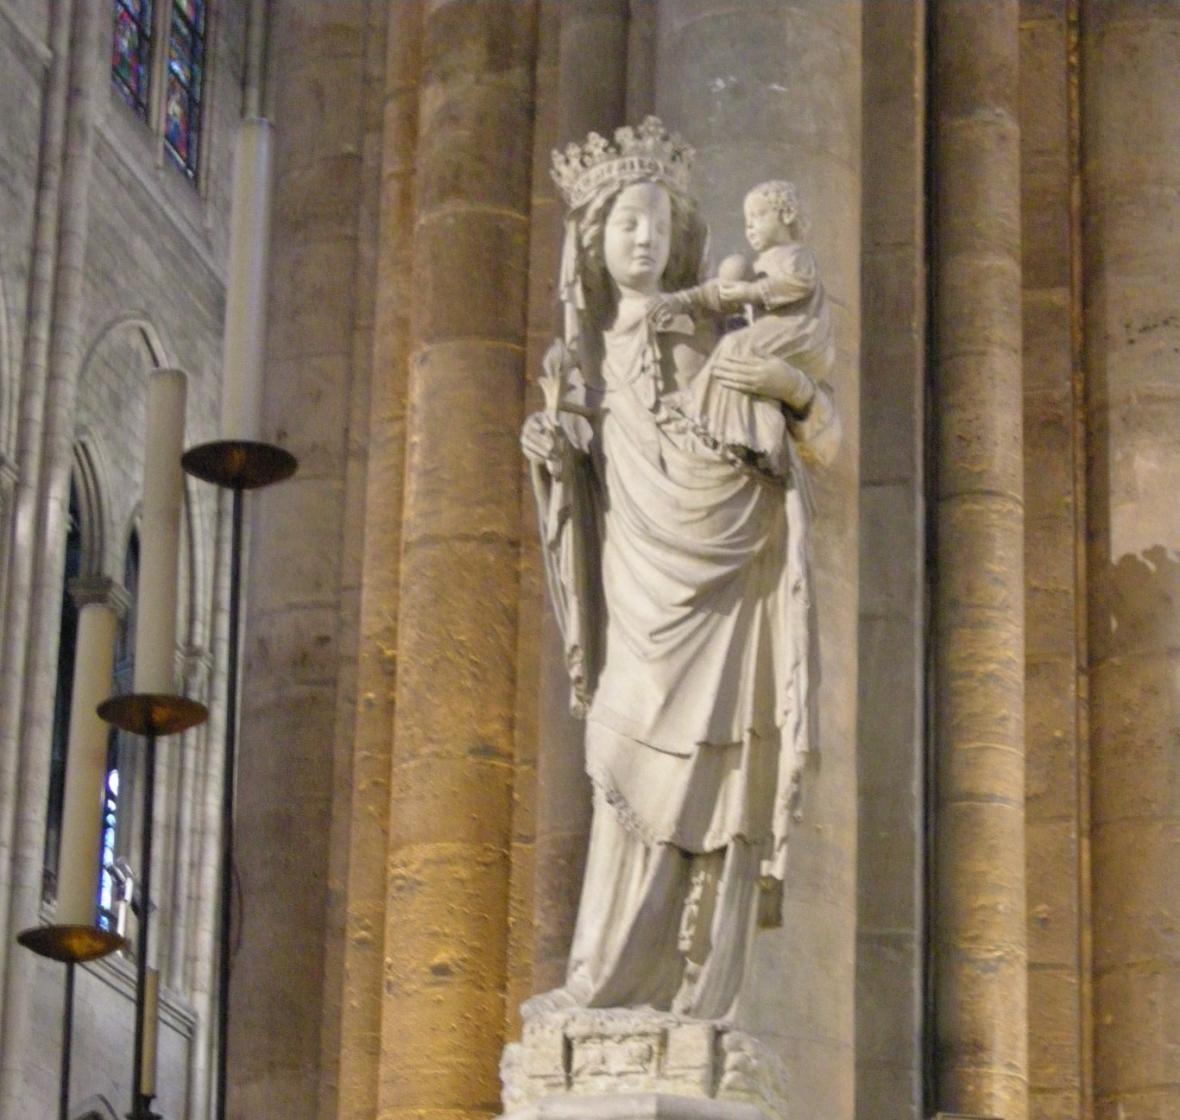 Nejvzácnější památkou je trnová koruna, která, jak věří katolíci, byla položena na hlavu Ježíše Krista těsně před ukřižováním. Skládá se z věnce o průměru 21 centimetrů z propletených větviček, na kterých byly trny propojené zlatou nití.